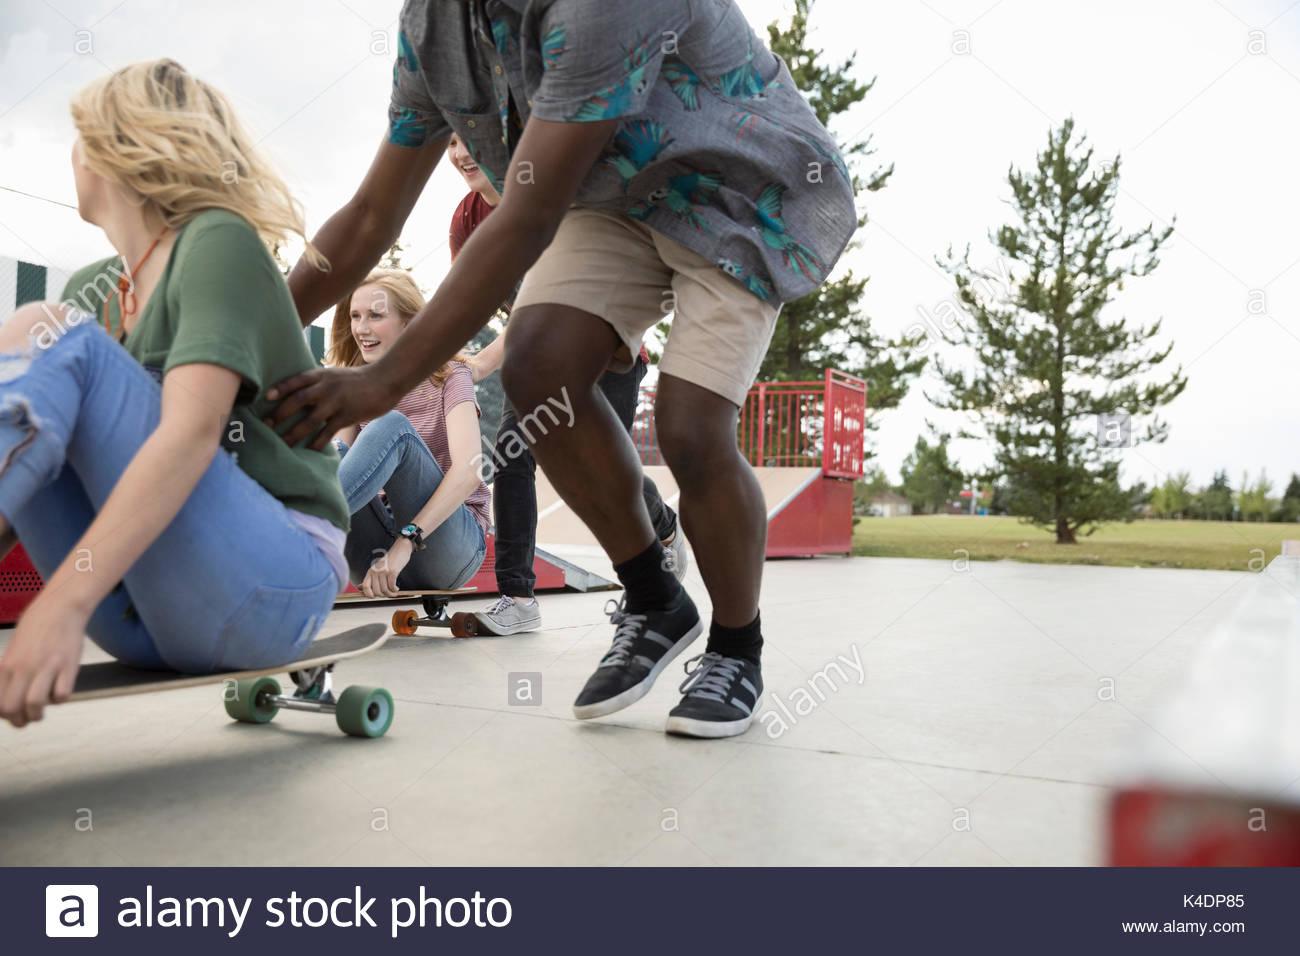 Amis adolescents jouant, poussant skateboards dans skate park Photo Stock